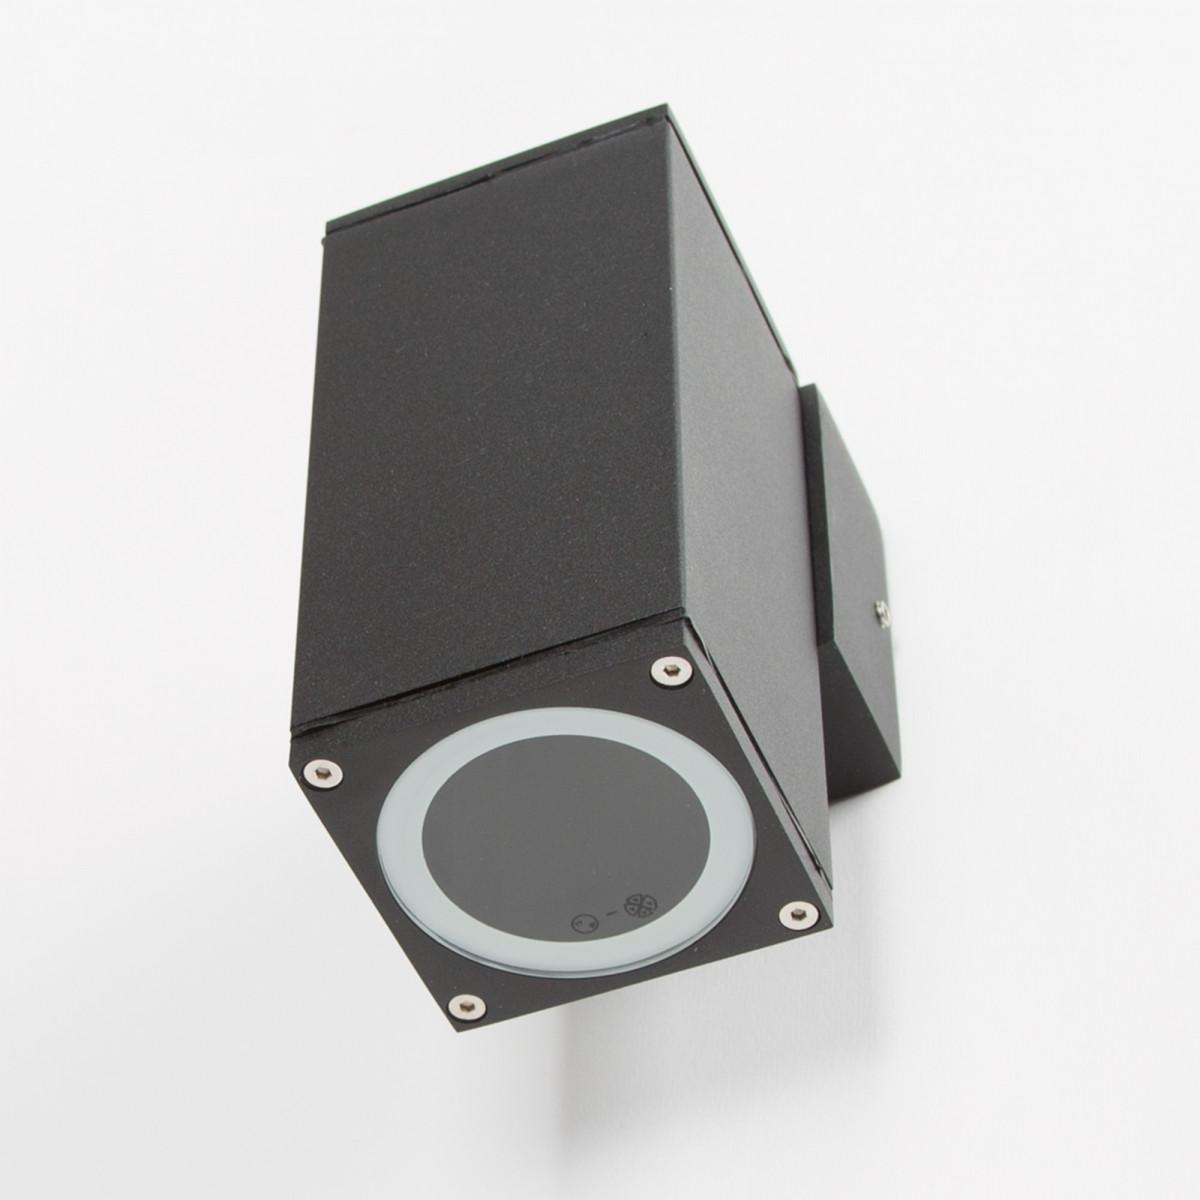 wandspot kelvin down, moderne wandverlichting van KS verlichting, hoogwaardige kwaliteit gevelverlichting, aluminium strak vormgegeven gevelspot met zwarte finish, kwaliteitsverlichting van KS